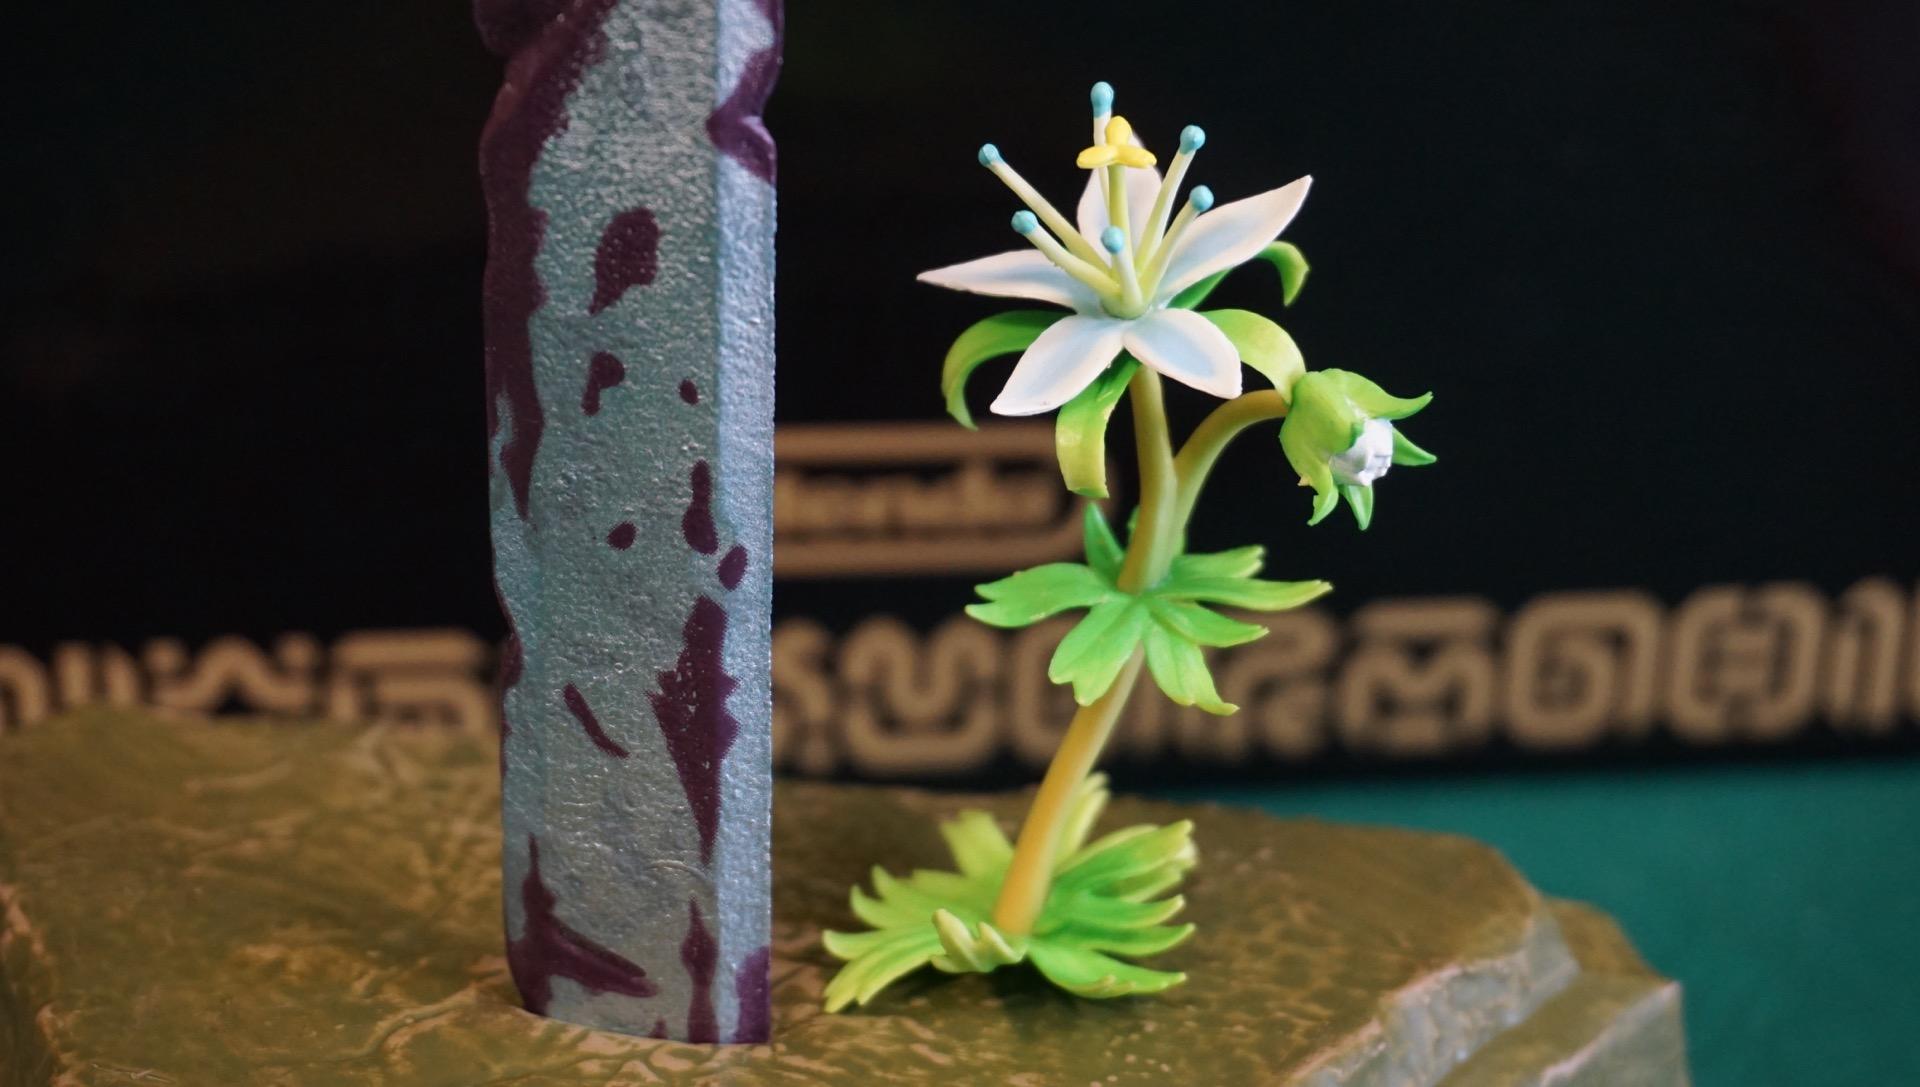 Zelda amiibo unboxing master edition41